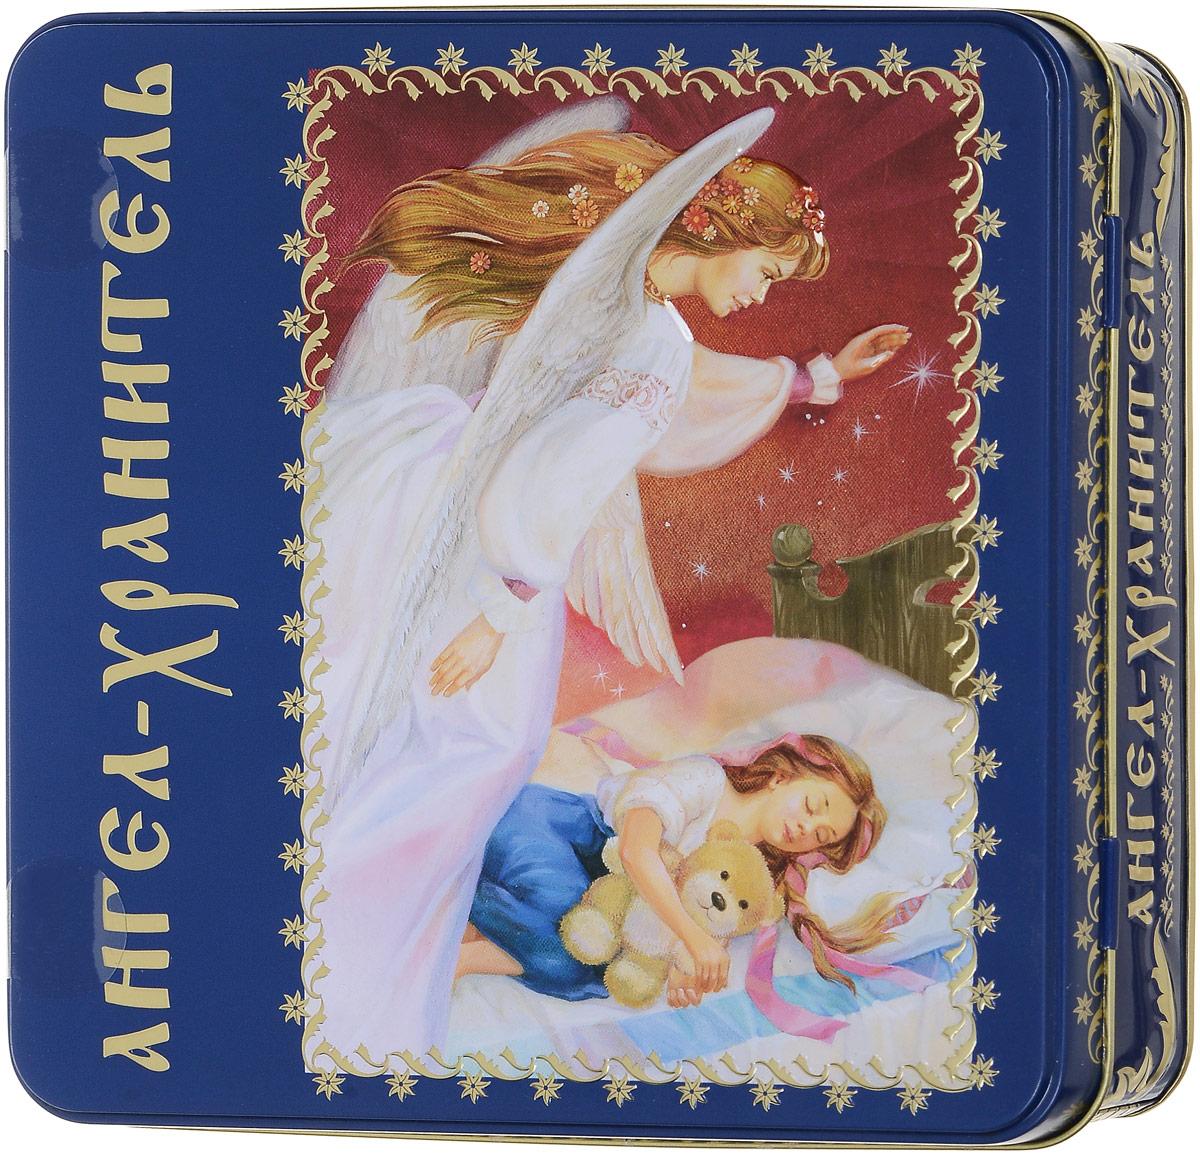 Вера, Надежда, Любовь Ангел-Хранитель подарочный набор черного листового чая, 125 г30620Ангел-Хранитель - ангел, добрый дух, данный человеку Богом при крещении для помощи и руководства.Ангел-Хранитель невидимо находится при человеке на протяжении всей его жизни, если человек сохраняет в себе любовь к Богу и истинную веру перед Ним. Задача Ангела-Хранителя - способствовать спасению подопечного. Ангелы-Хранители духовно наставляют в вере и благочестии, охраняют души и тела, заступаются за них в течение земной их жизни, молят о них Бога, не оставляют их, наконец, после смерти и отводят души окончивших земную жизнь в вечность.